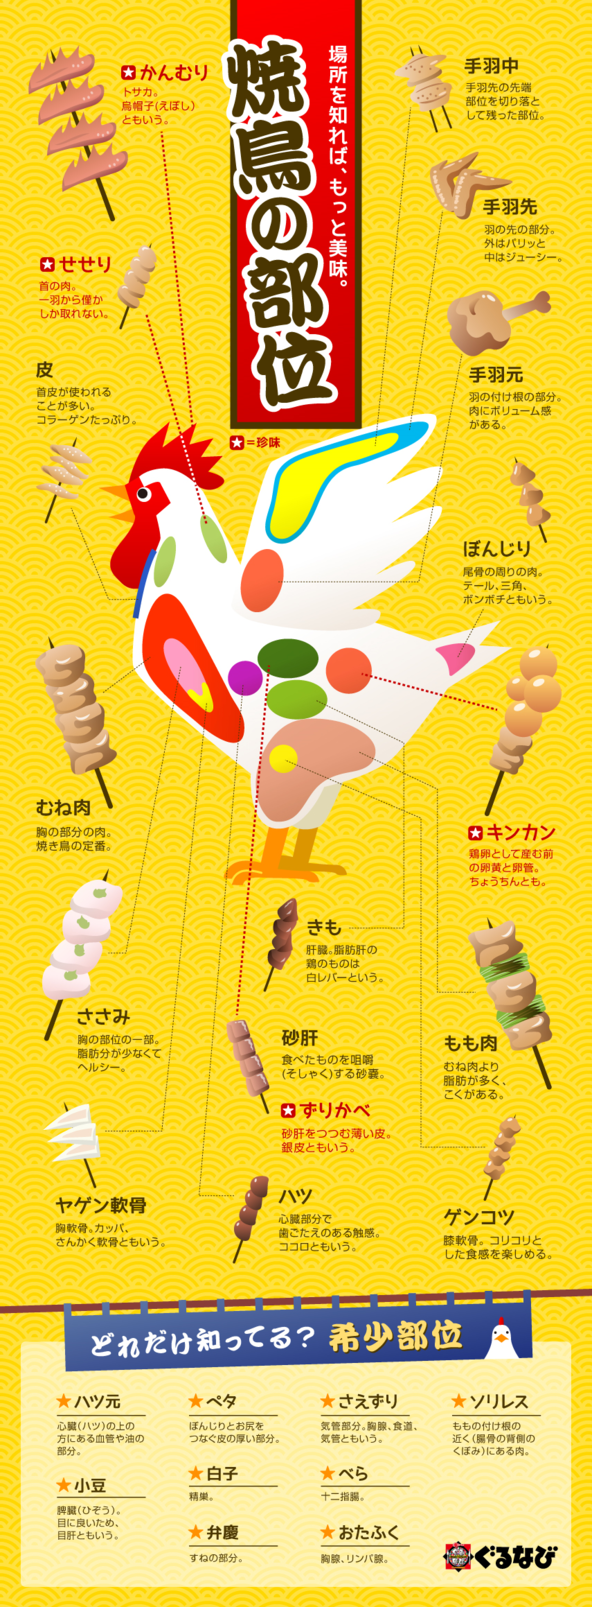 インフォグラフィック:鶏は頭から足先まで美味。焼き鳥の希少部位は旨い